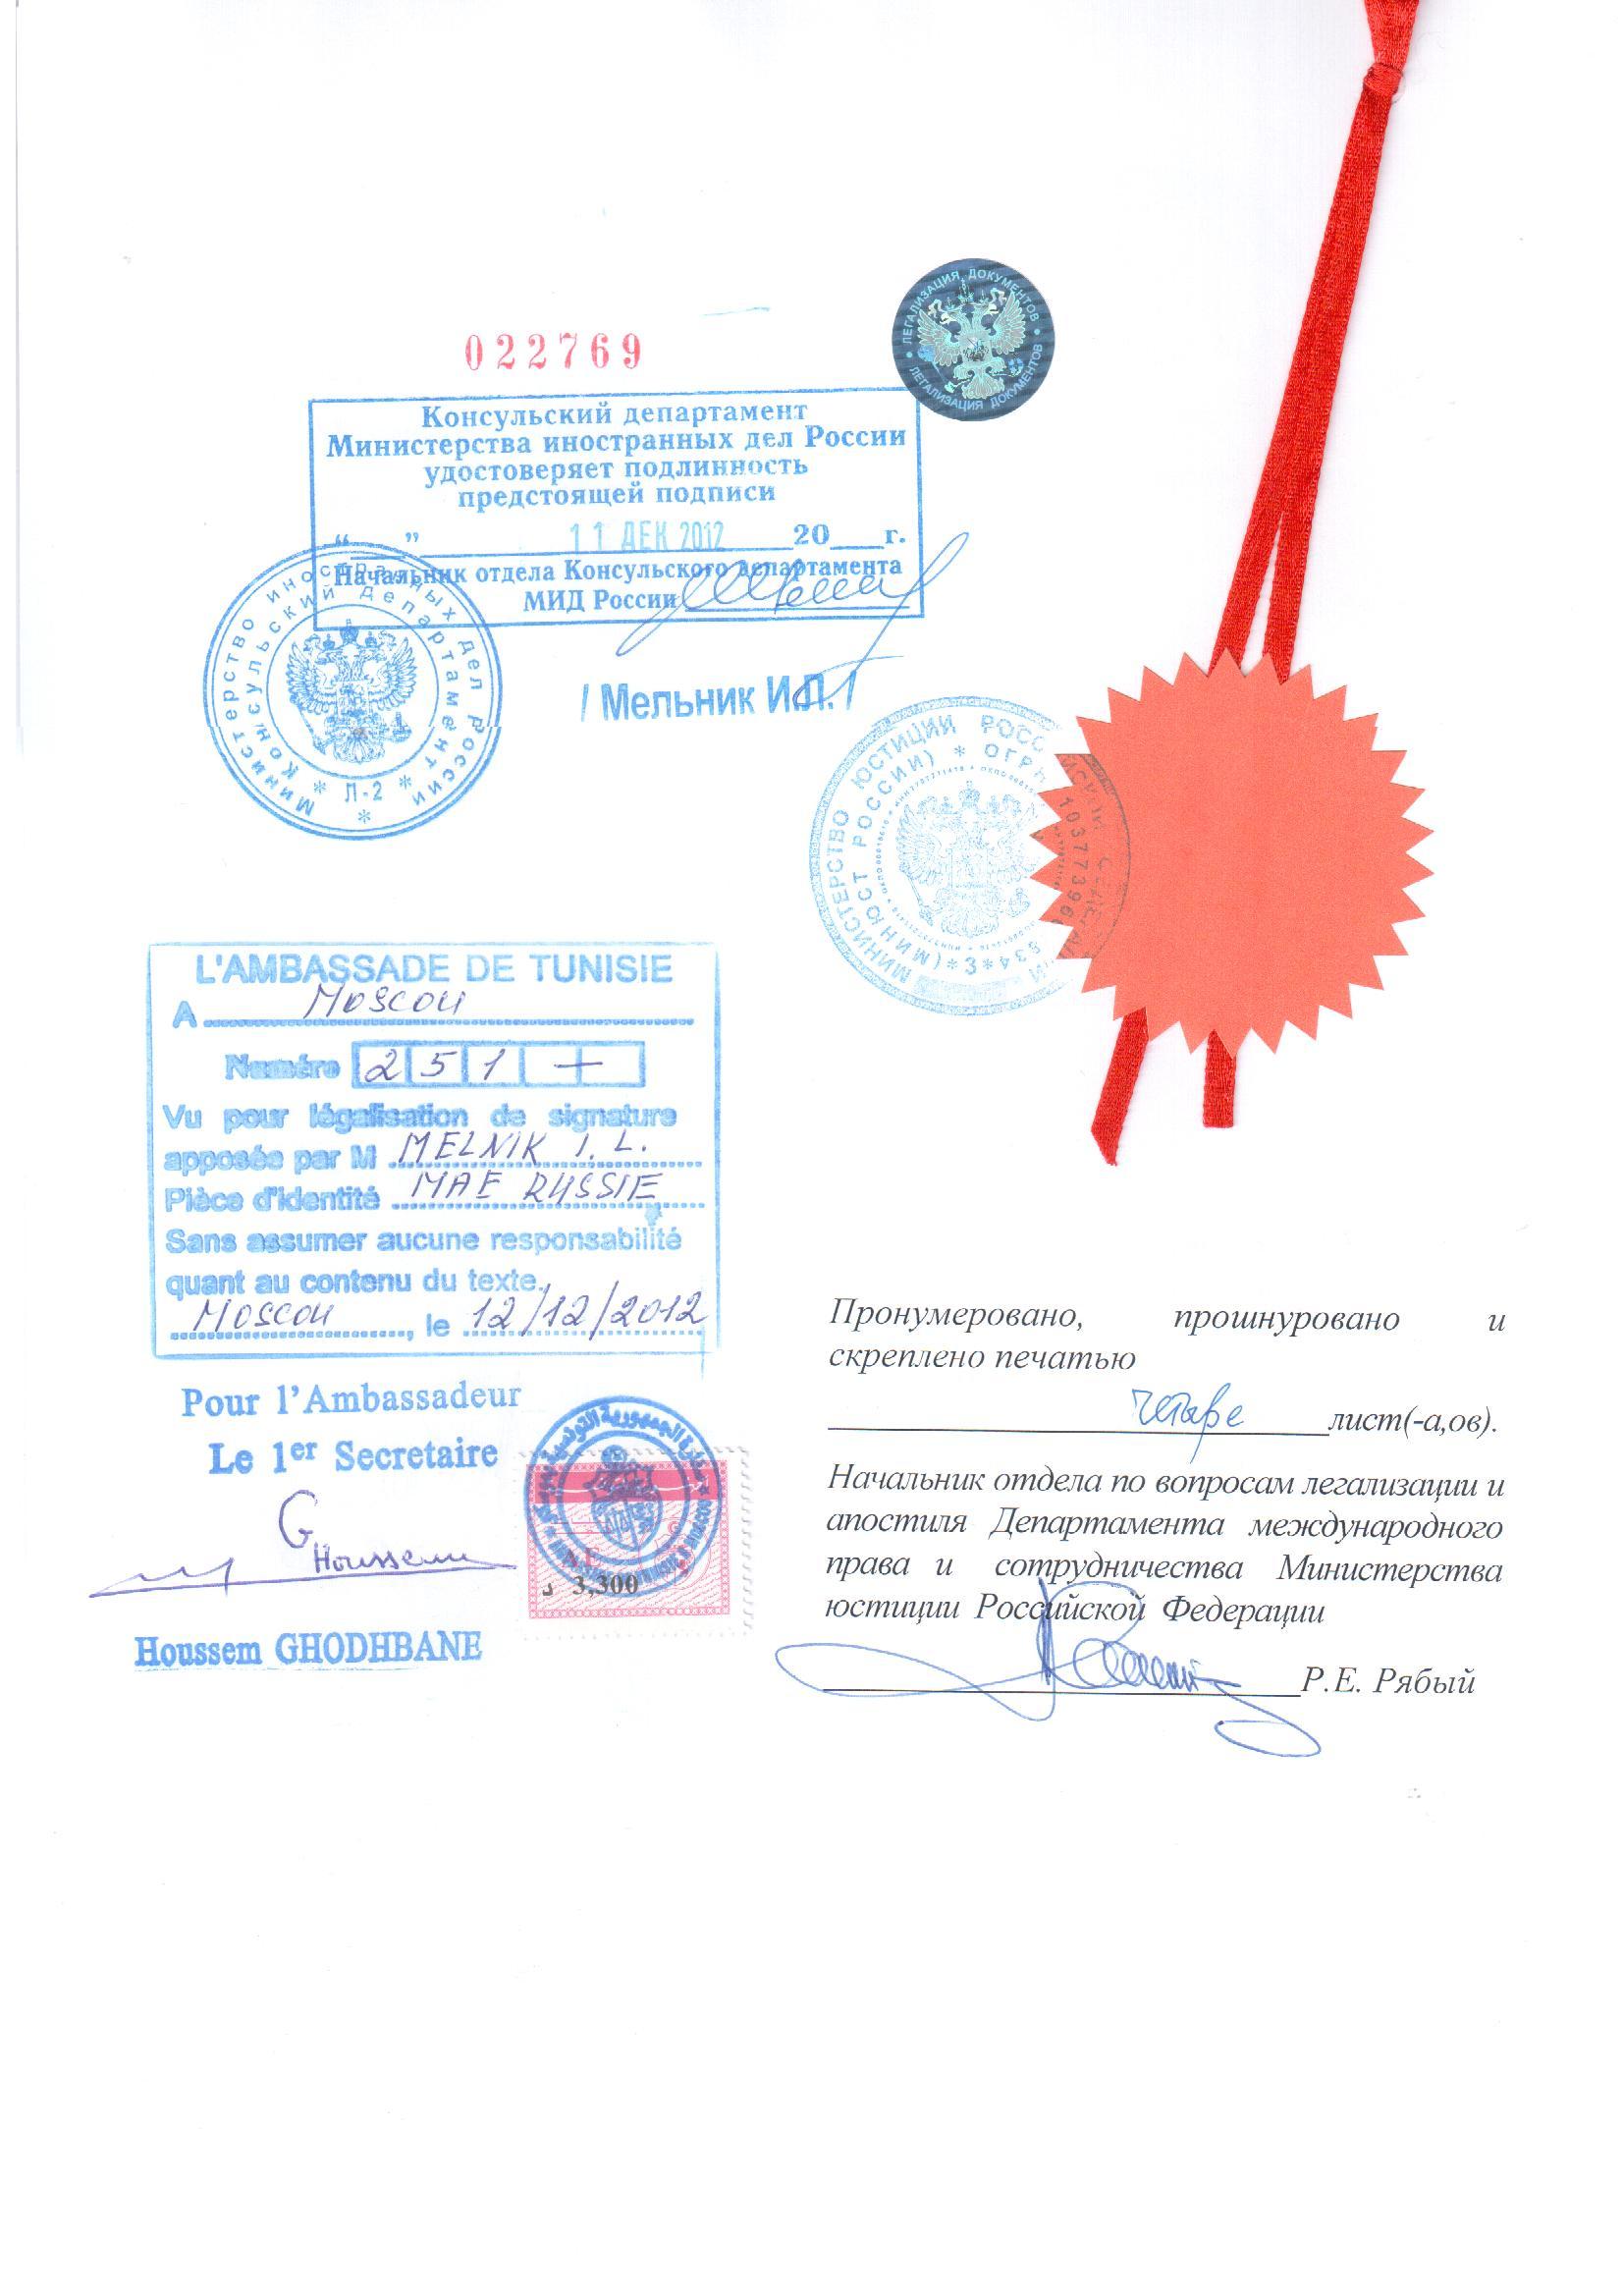 Legalizzazione di documenti russi per la Tunisia